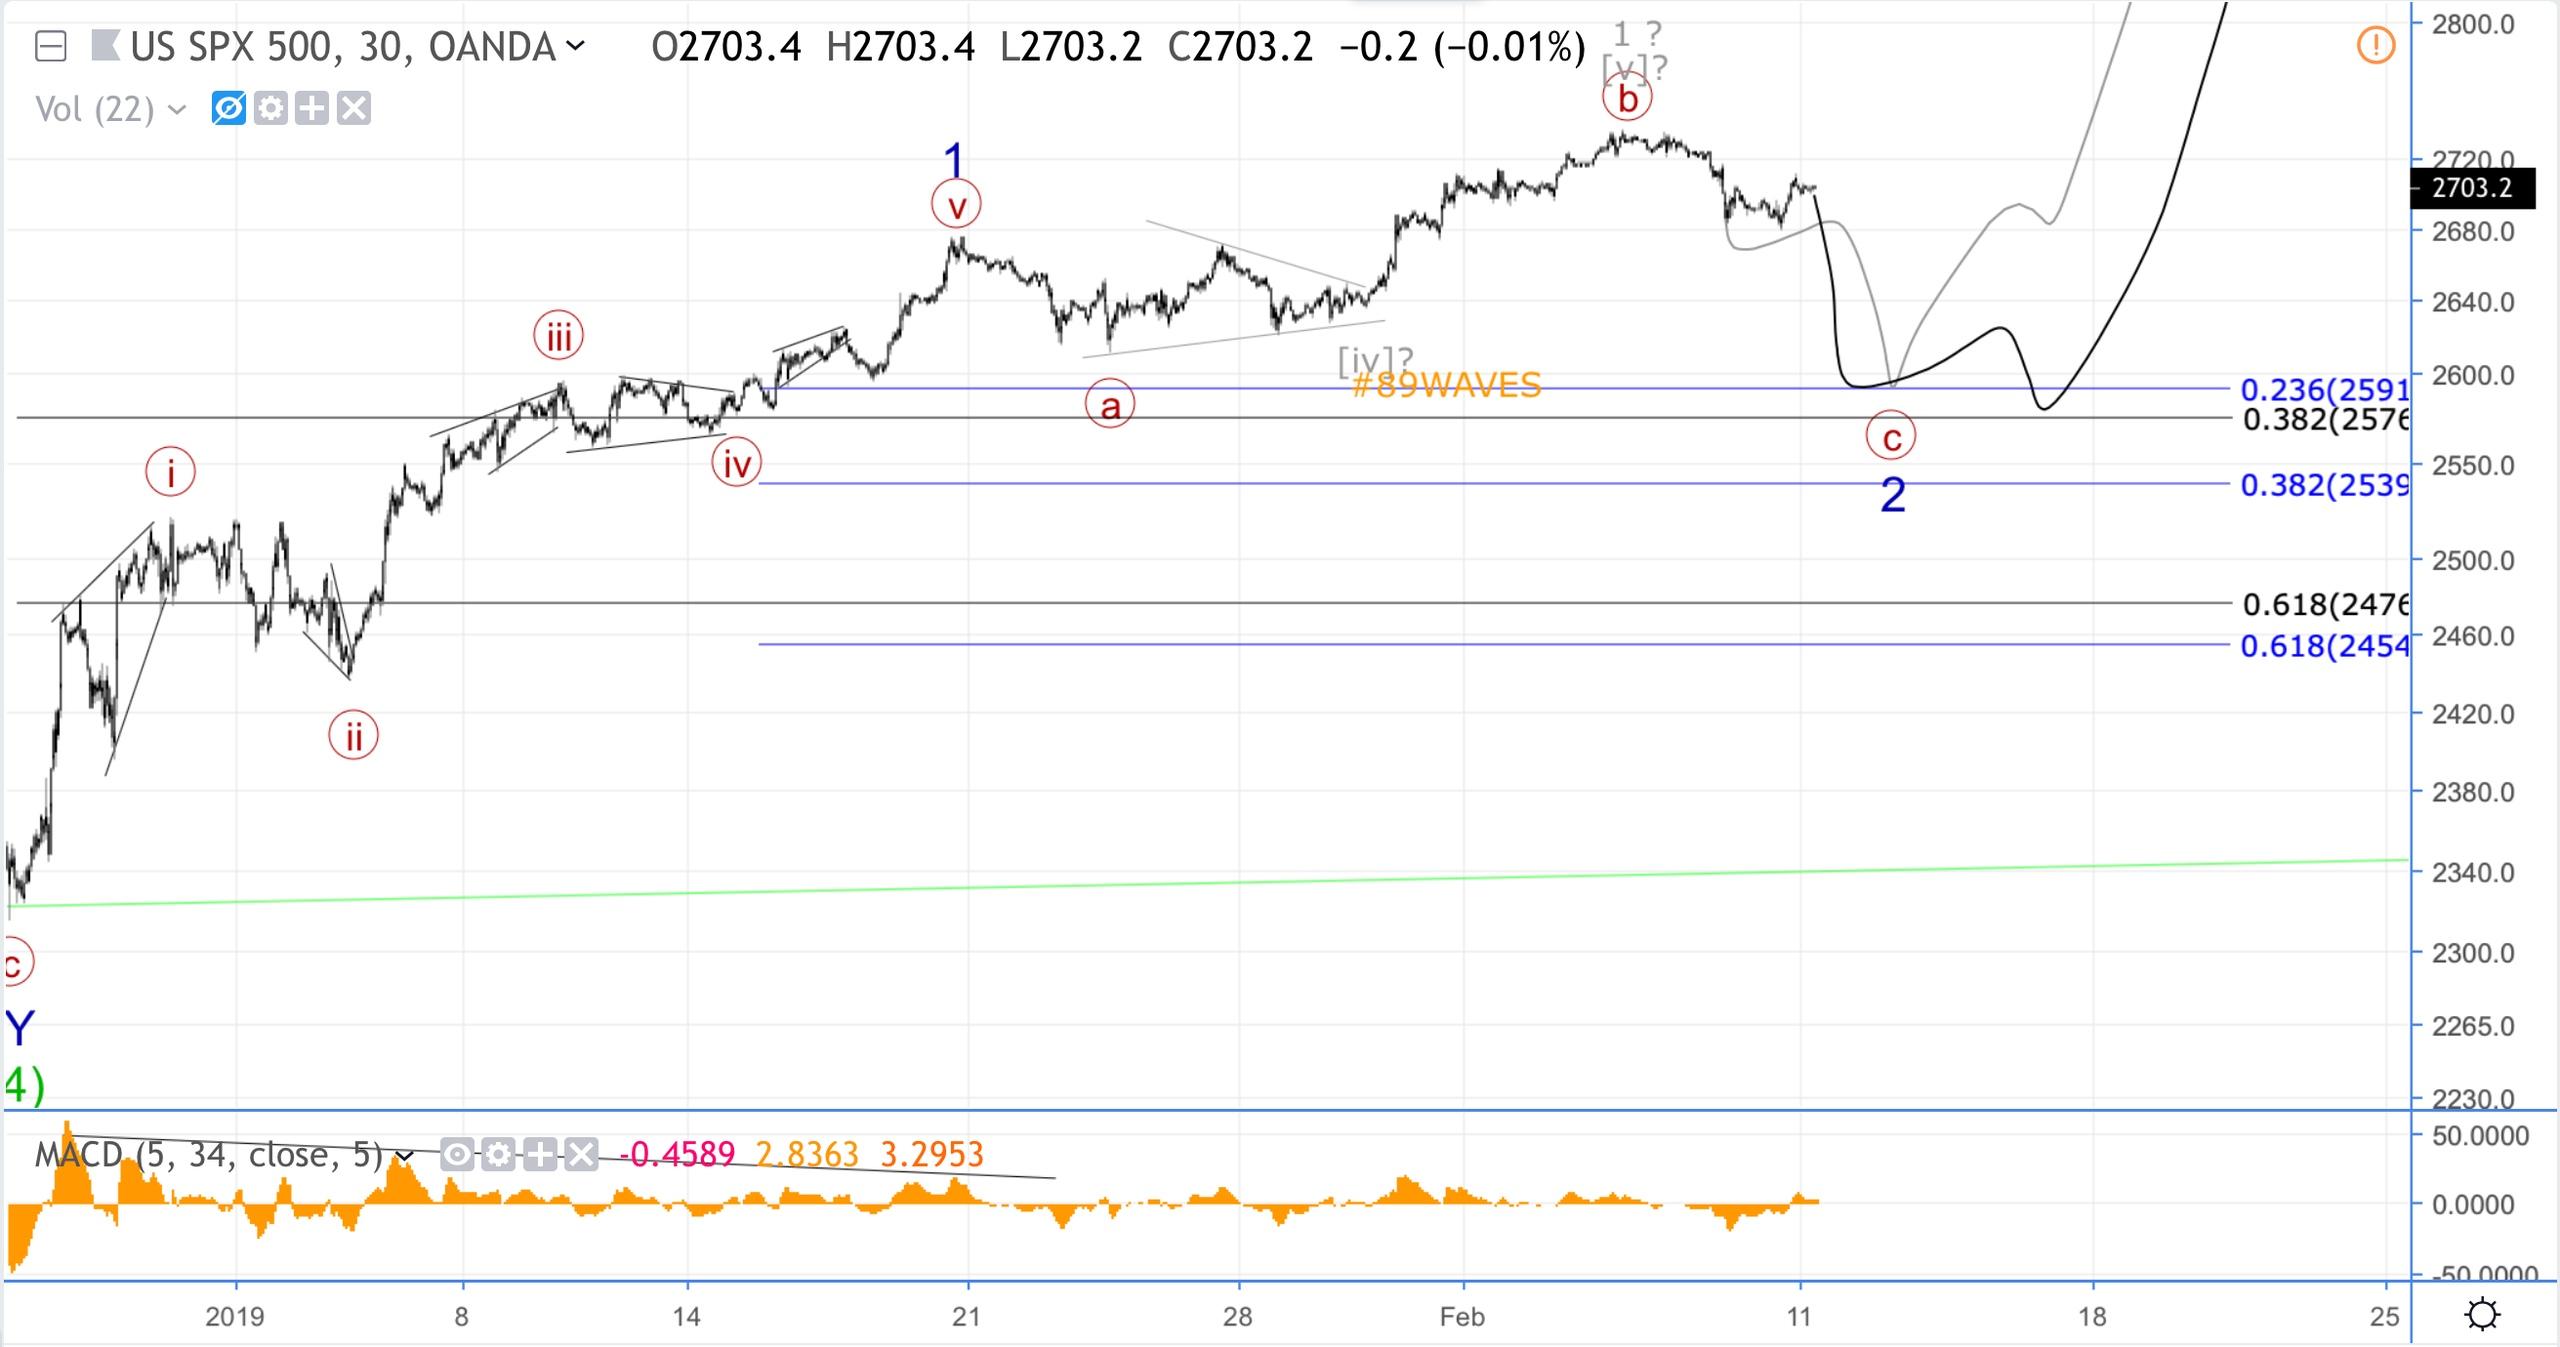 Волновой анализ S&P500, USD/CAD, DASH.